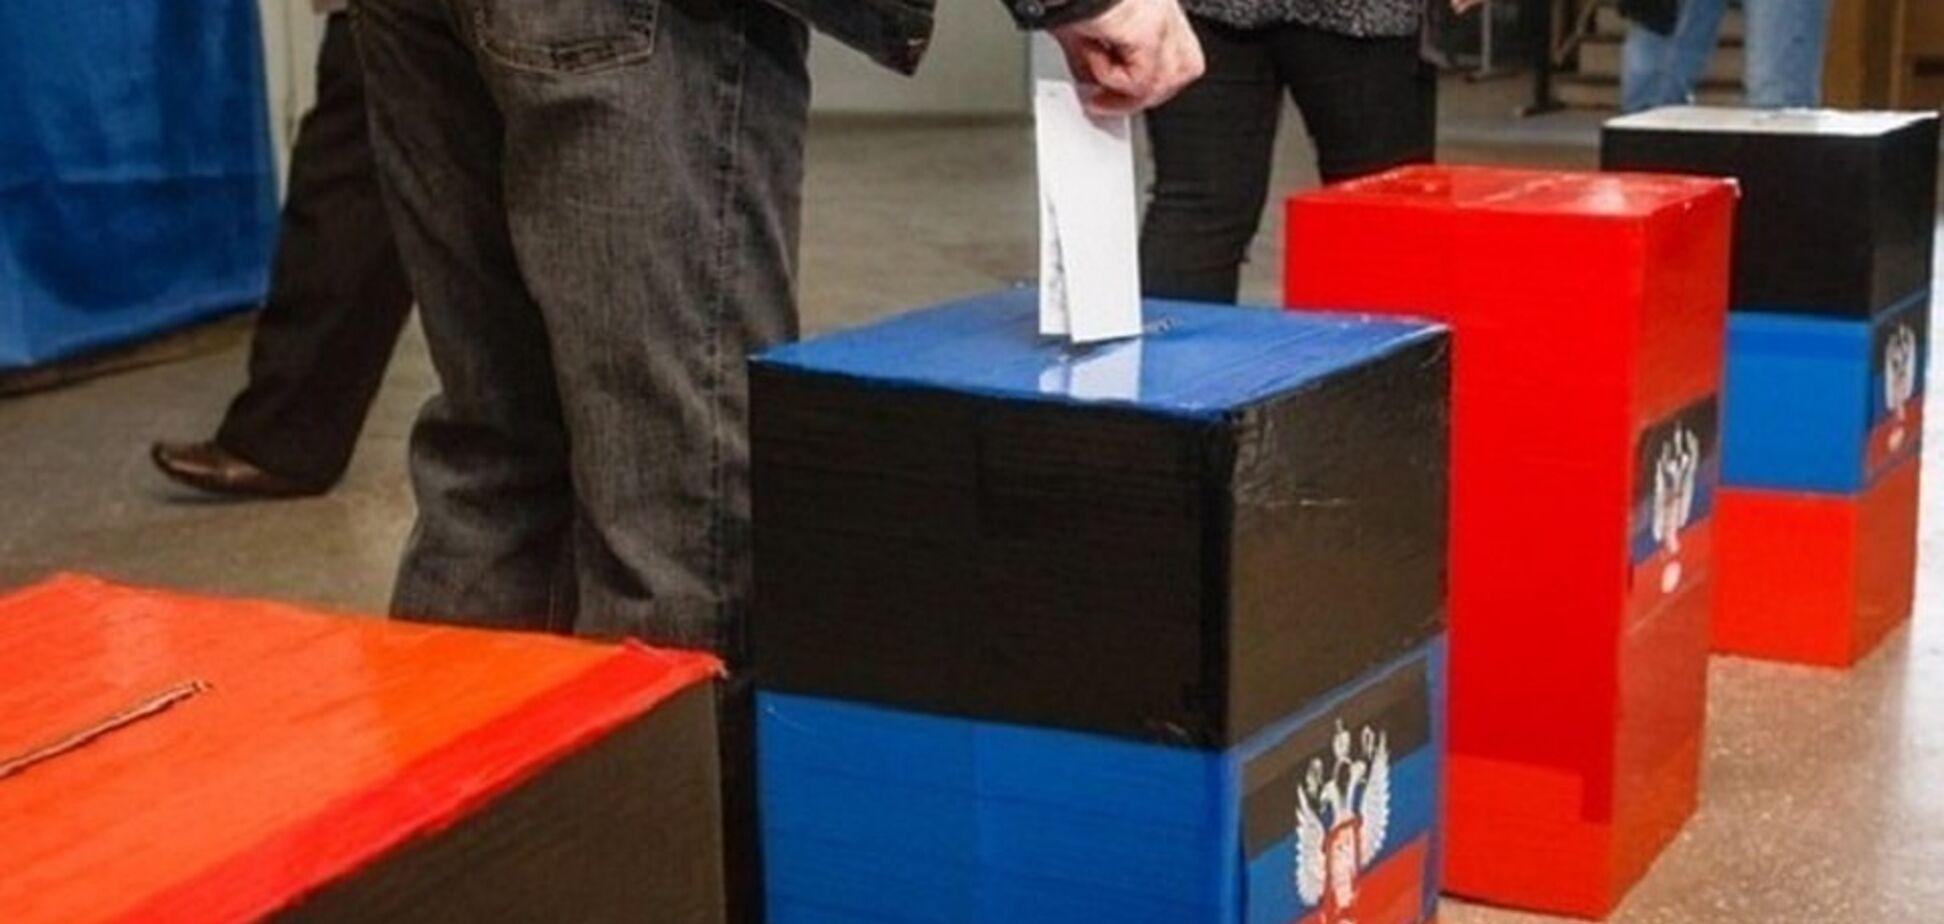 Хотів підірвати ''вибори'': у ''ДНР'' заявили про затримання ''терориста-СБУшника''